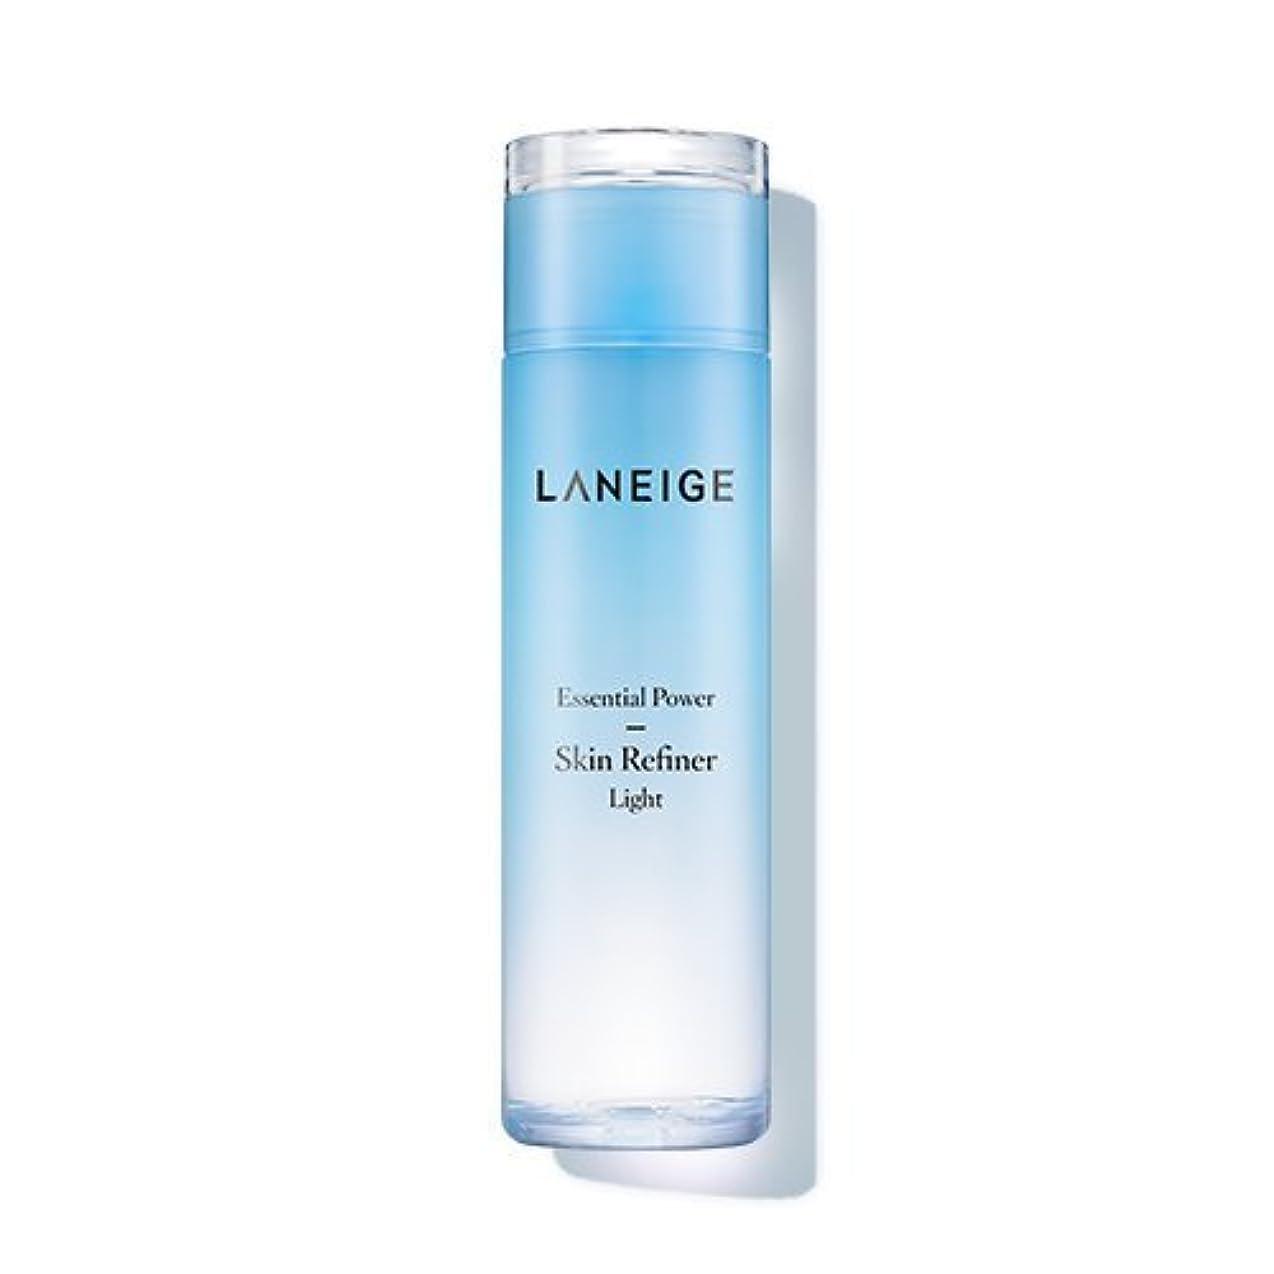 主要な八絶え間ないLANEIGE Essential Power Skin Refiner Light 200ml/ラネージュ エッセンシャル パワー スキン リファイナー ライト 200ml [並行輸入品]